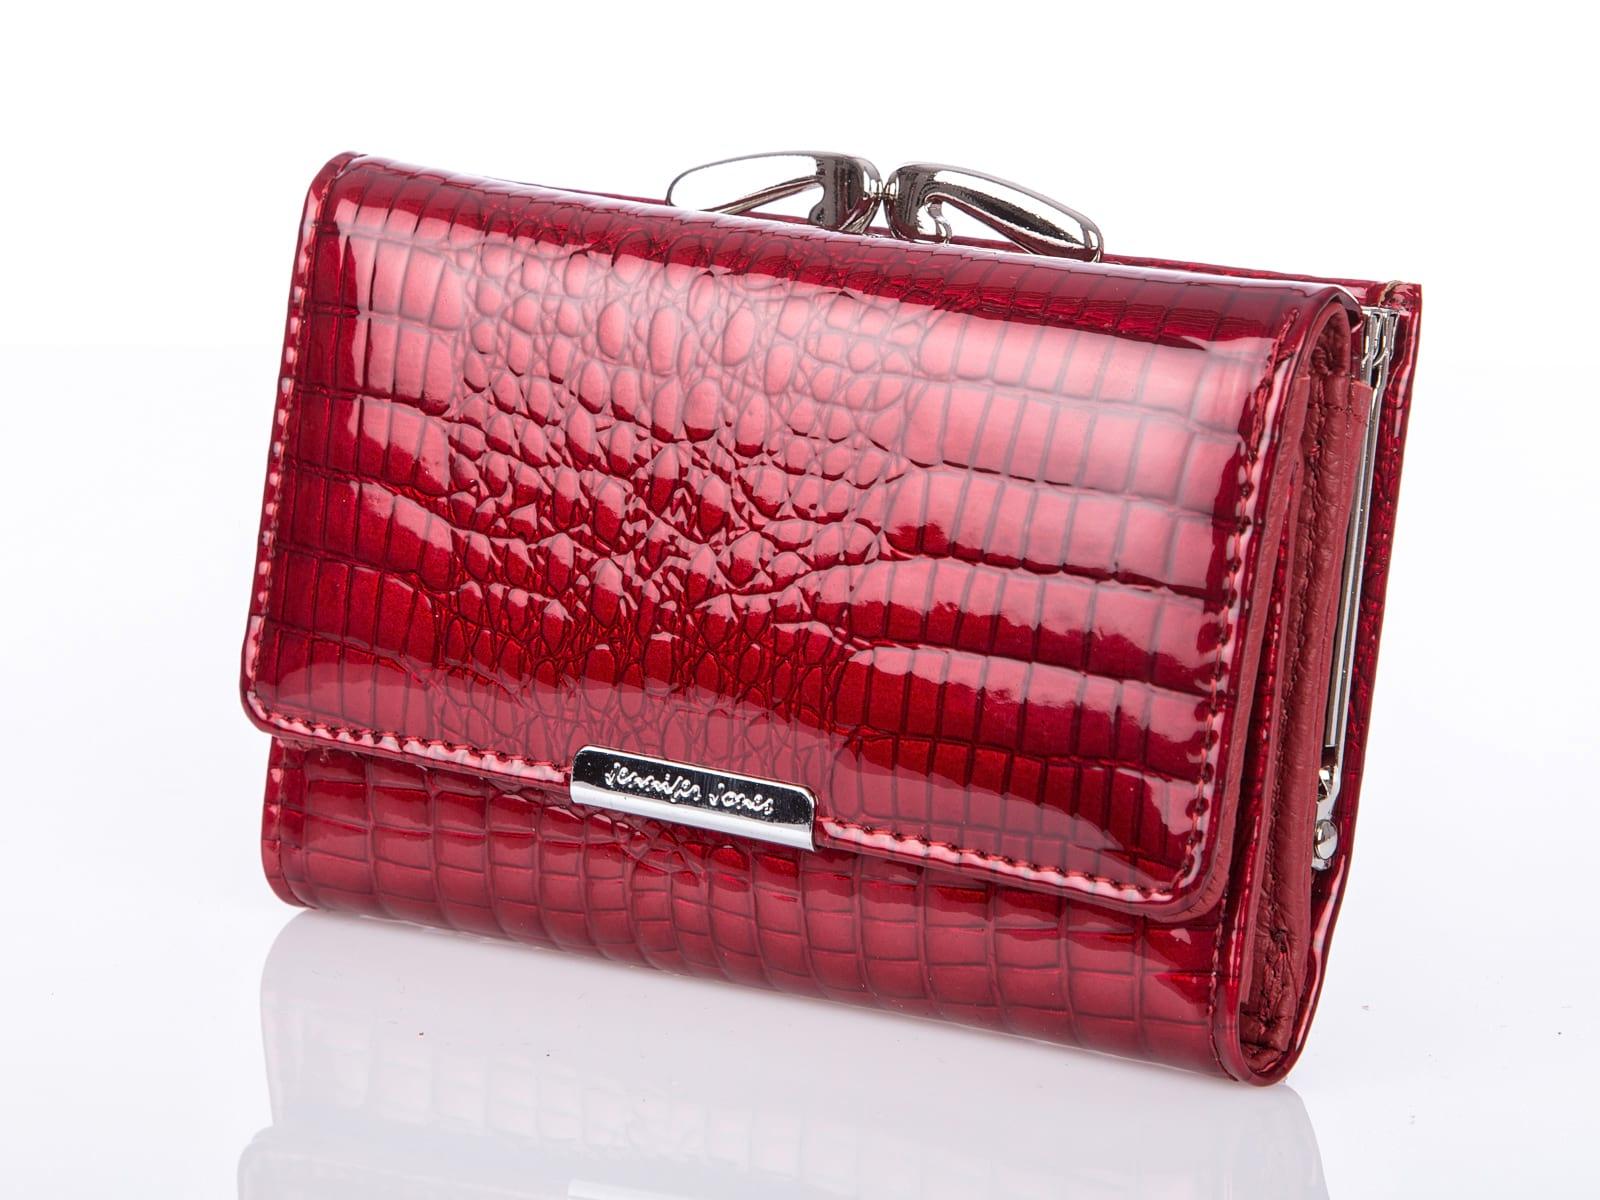 Skorzane portfele damskie (7)